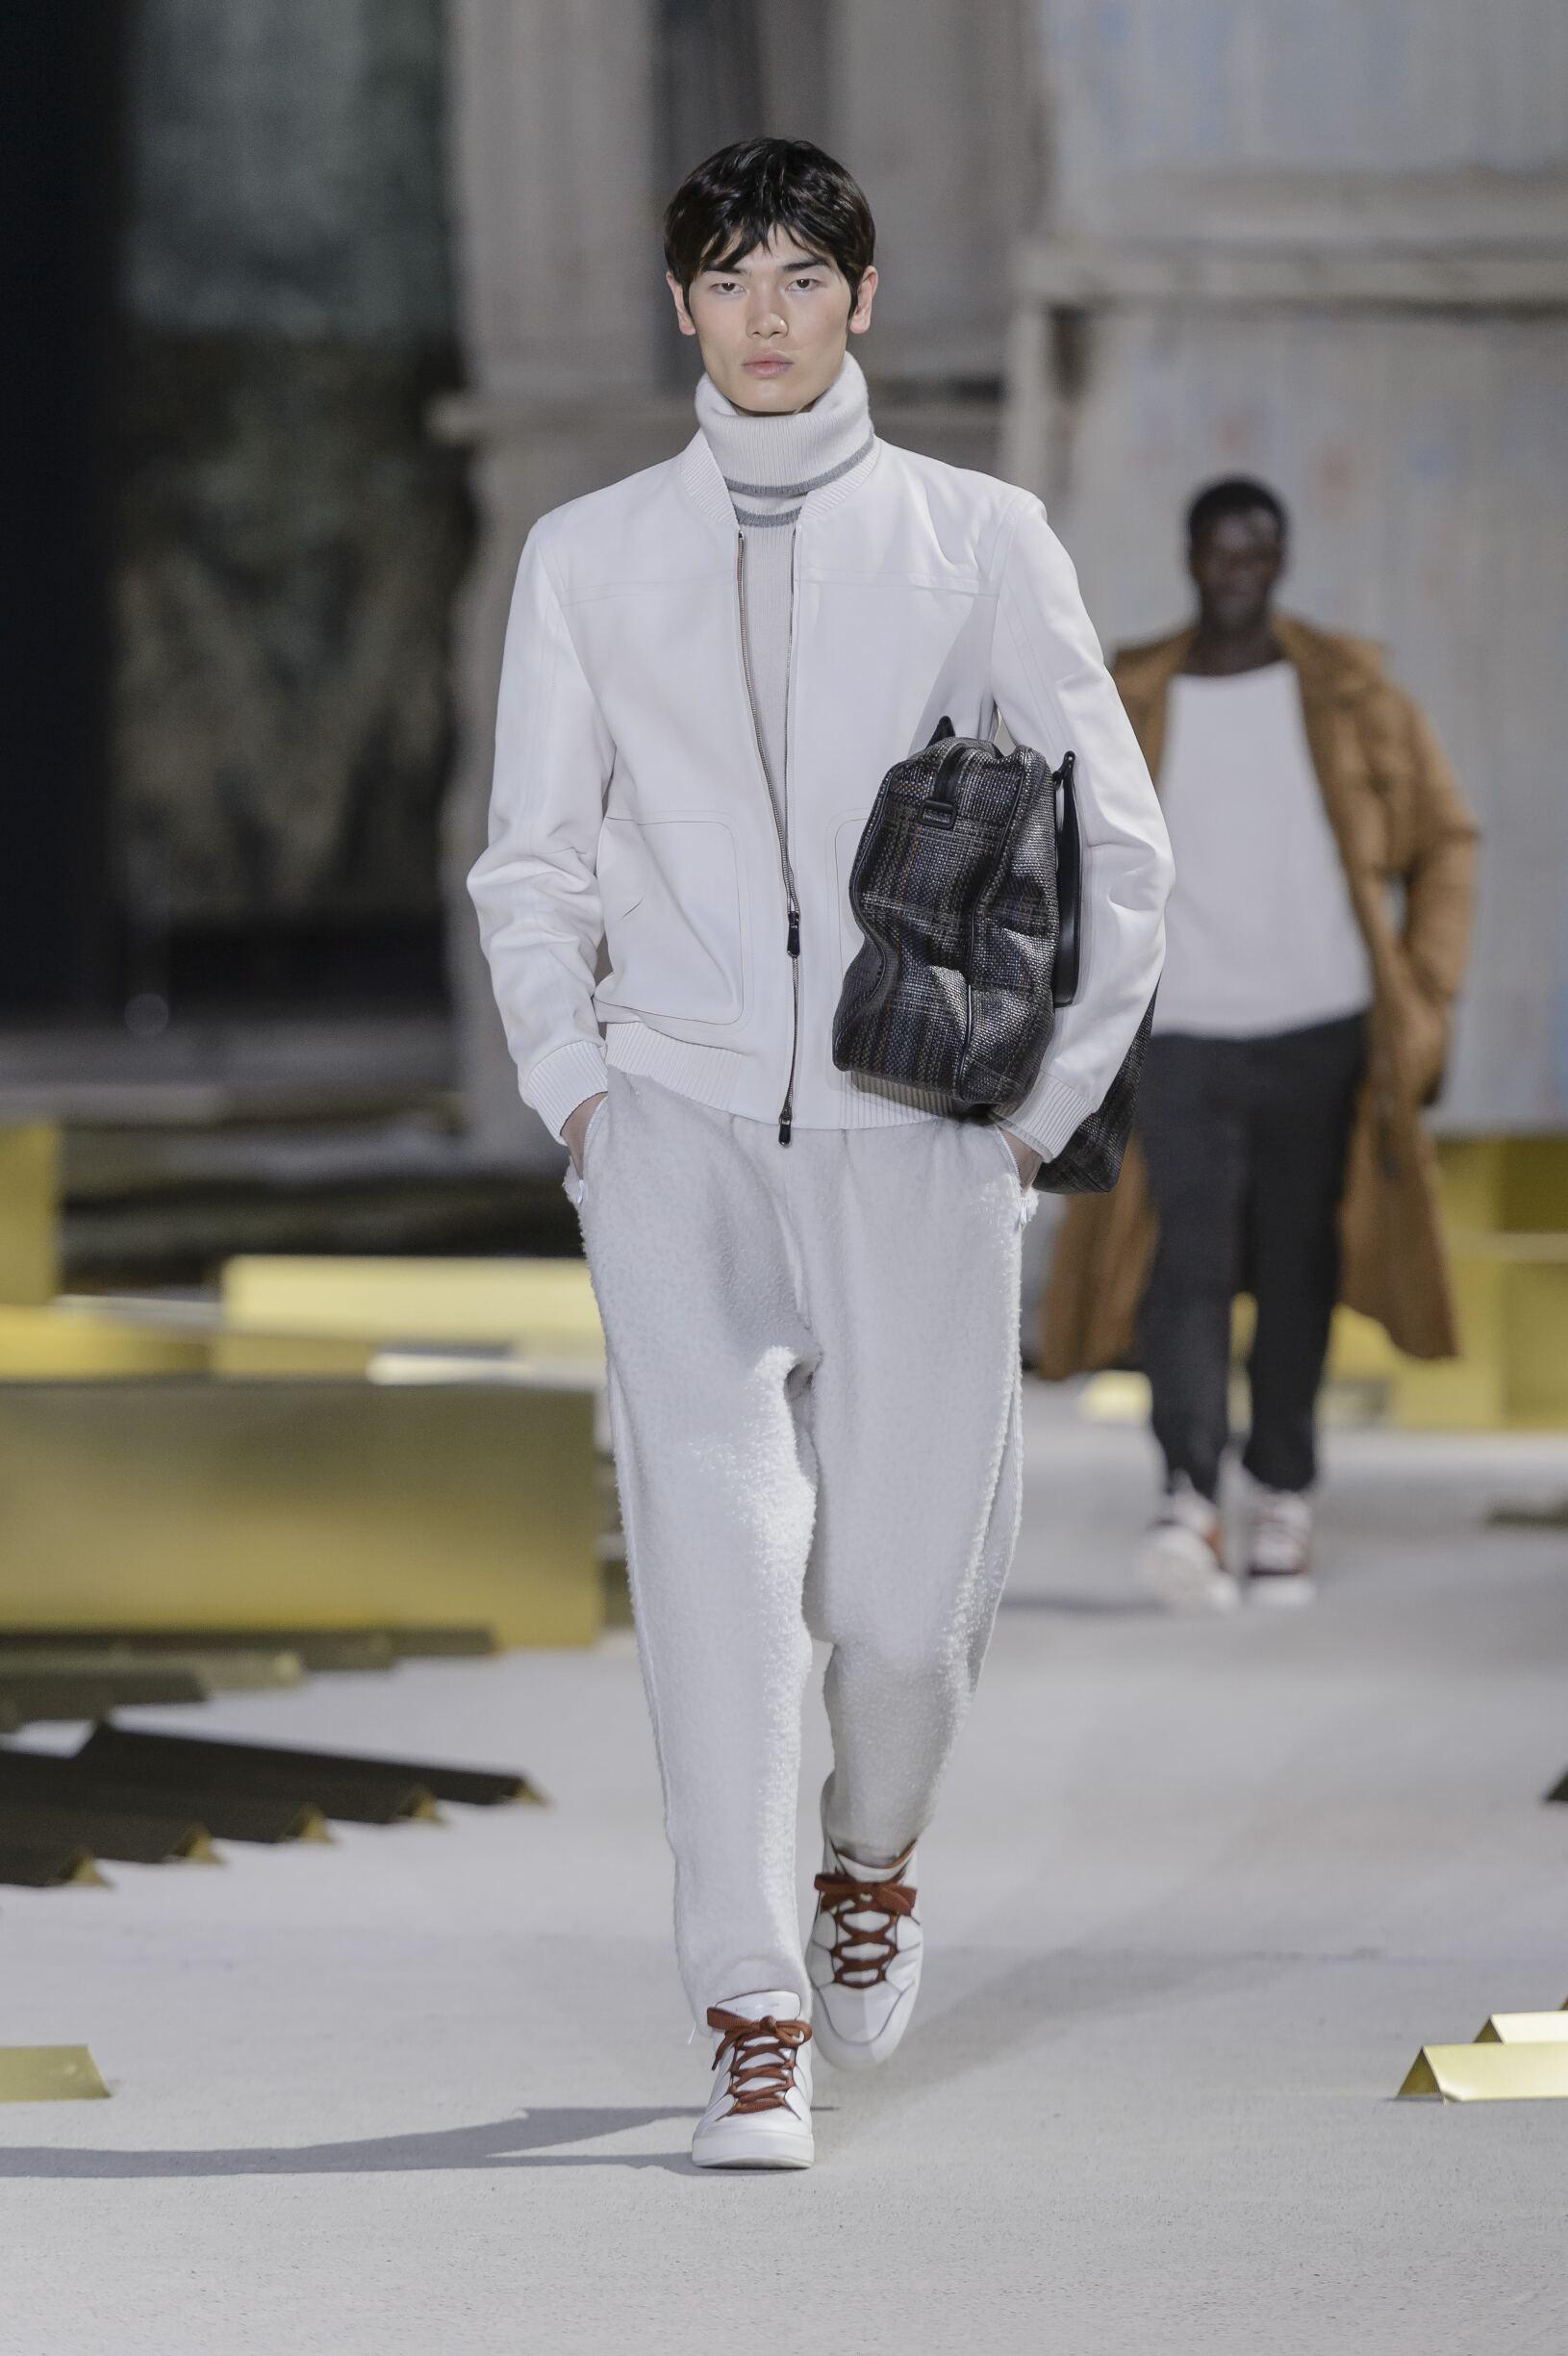 Ermenegildo Zegna FW 2017 Menswear